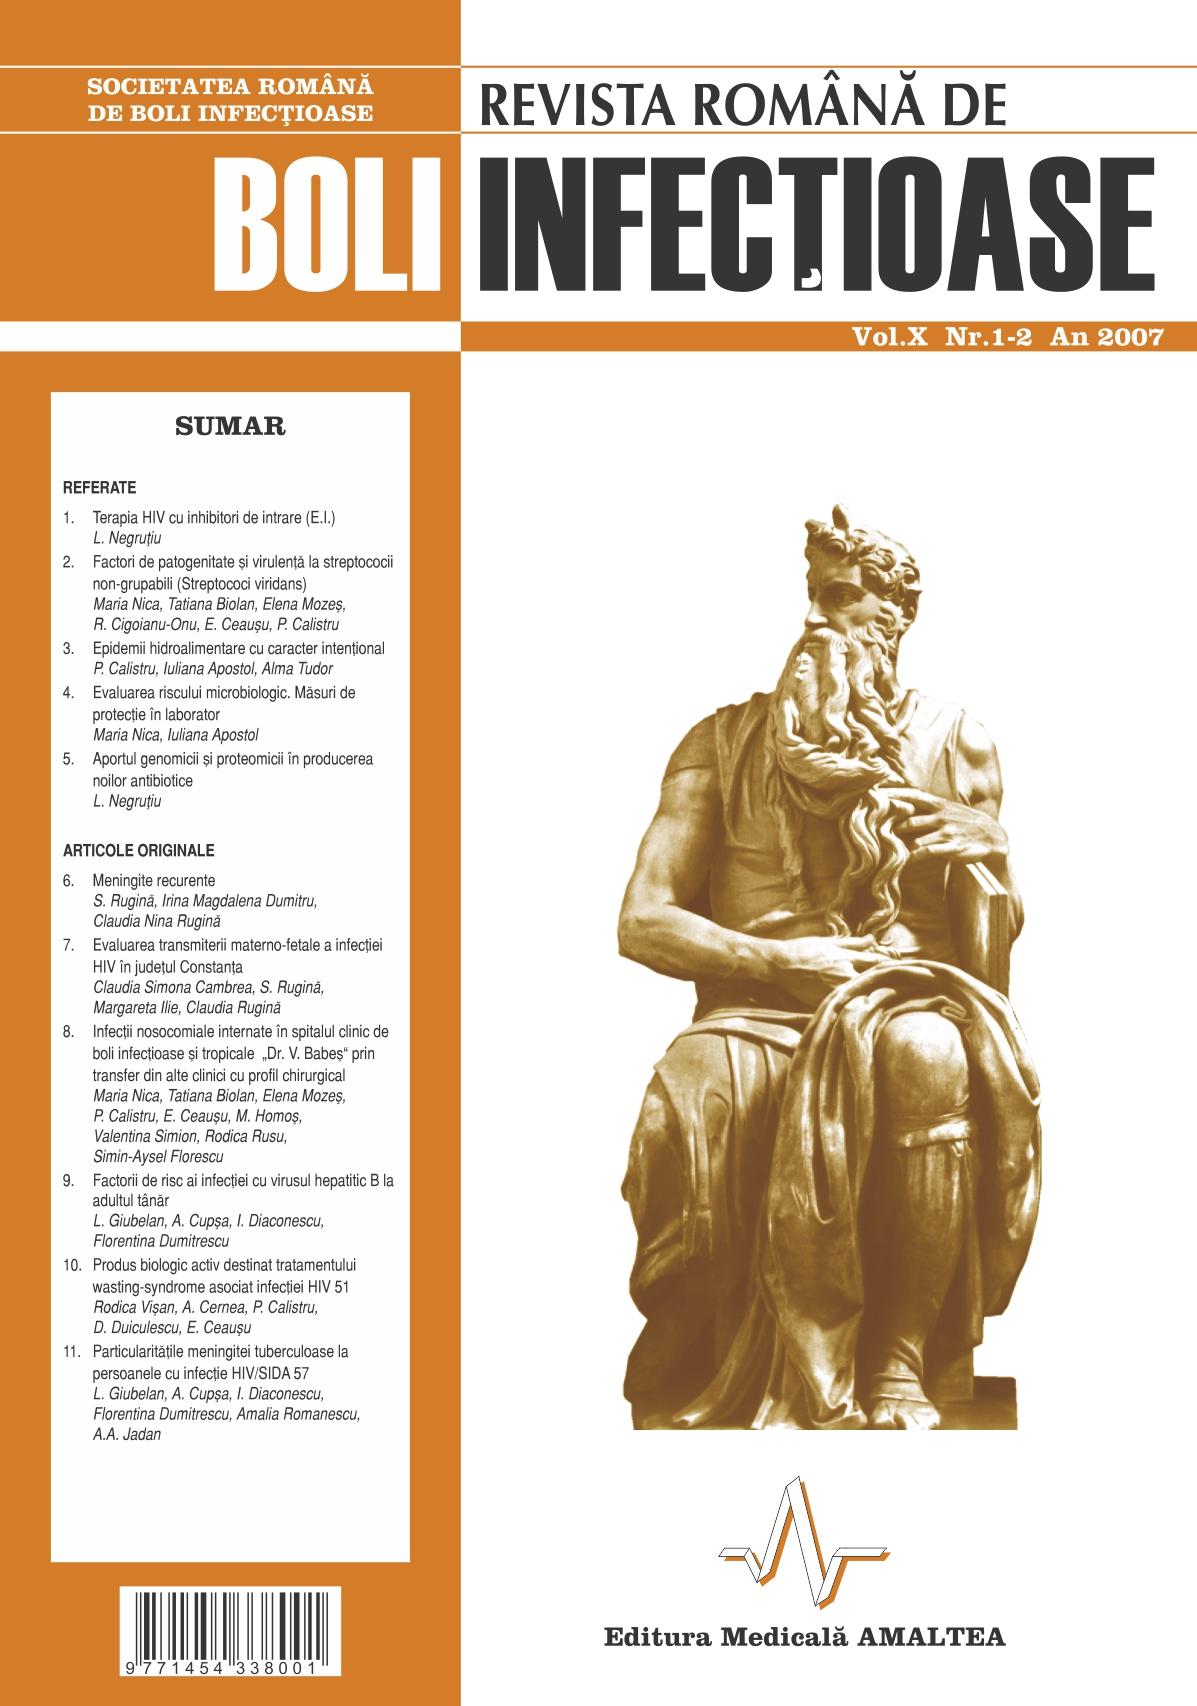 Revista Romana de Boli Infectioase | Vol. X, No. 1-2, 2007